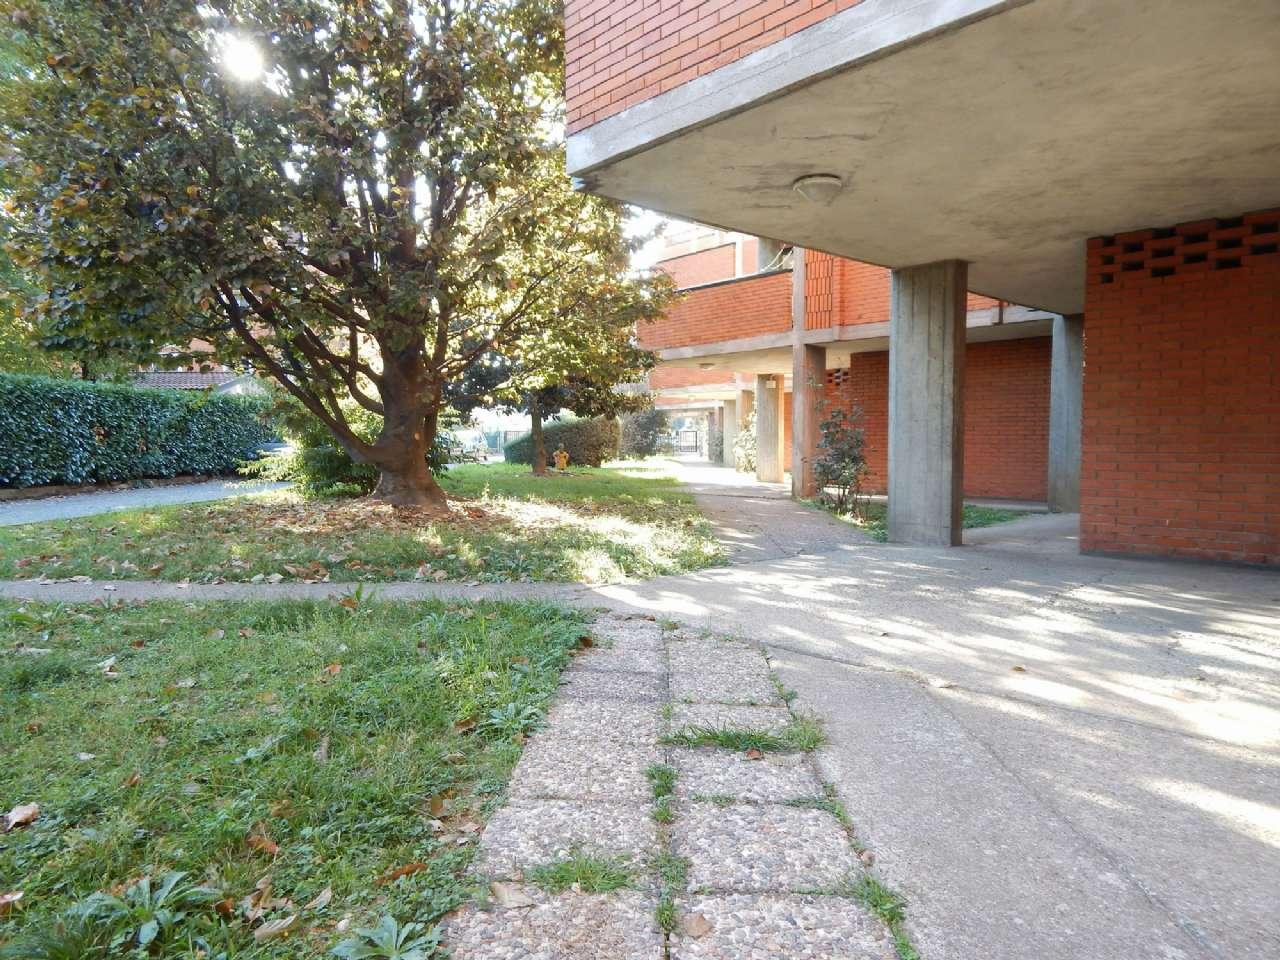 Appartamento in vendita a Calvenzano, 3 locali, prezzo € 78.000 | CambioCasa.it